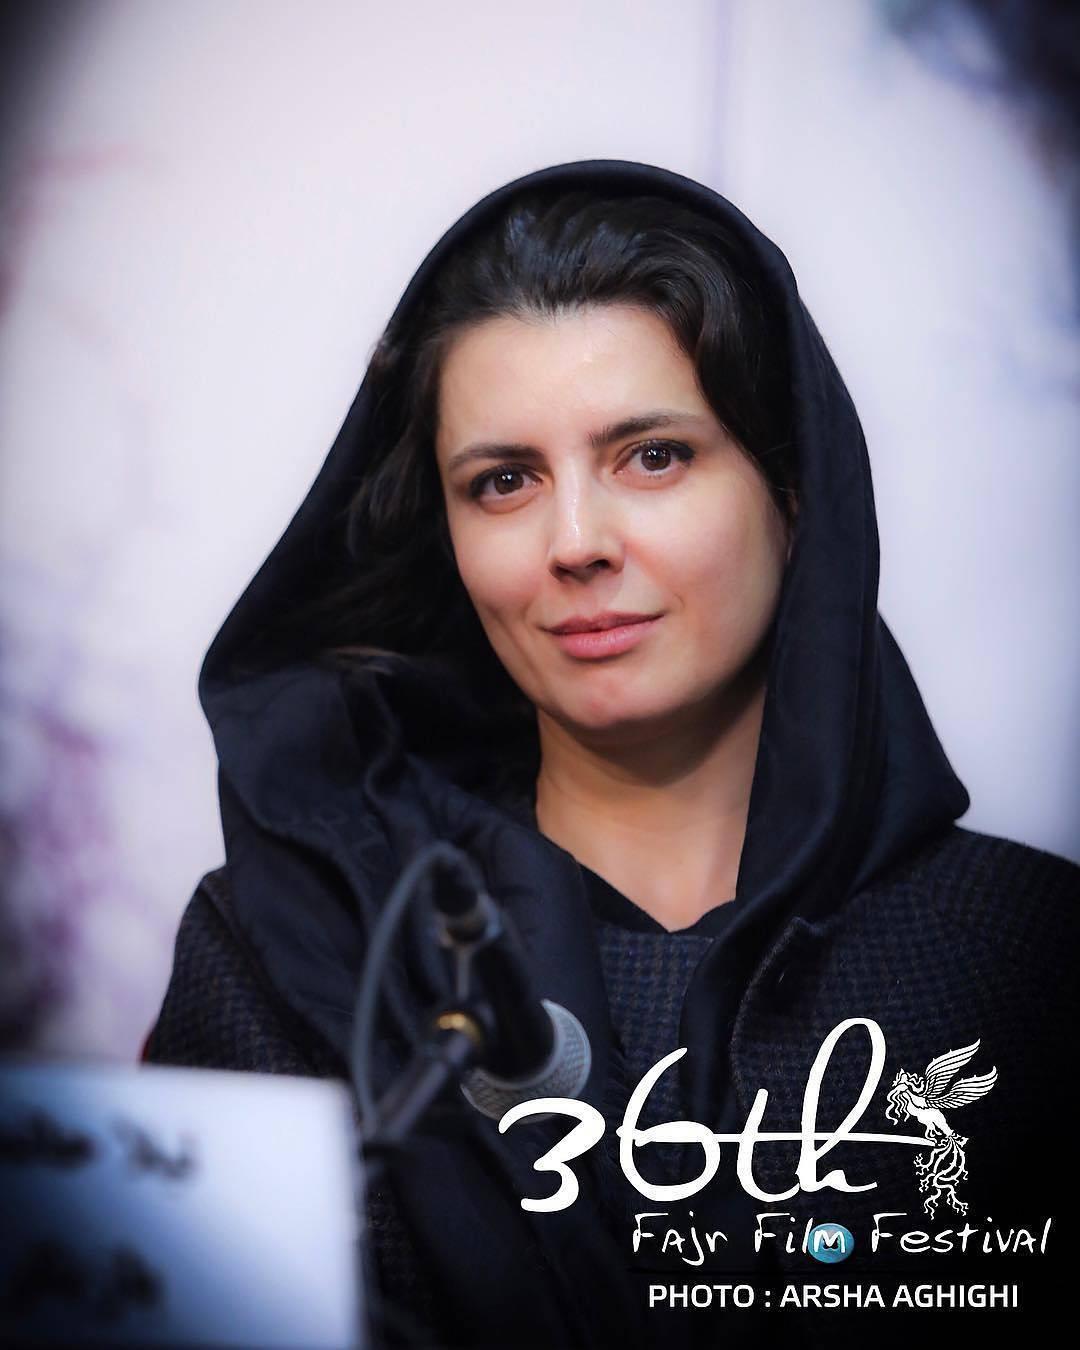 لیلا حاتمی در 36 جشنواره فیلم فجر